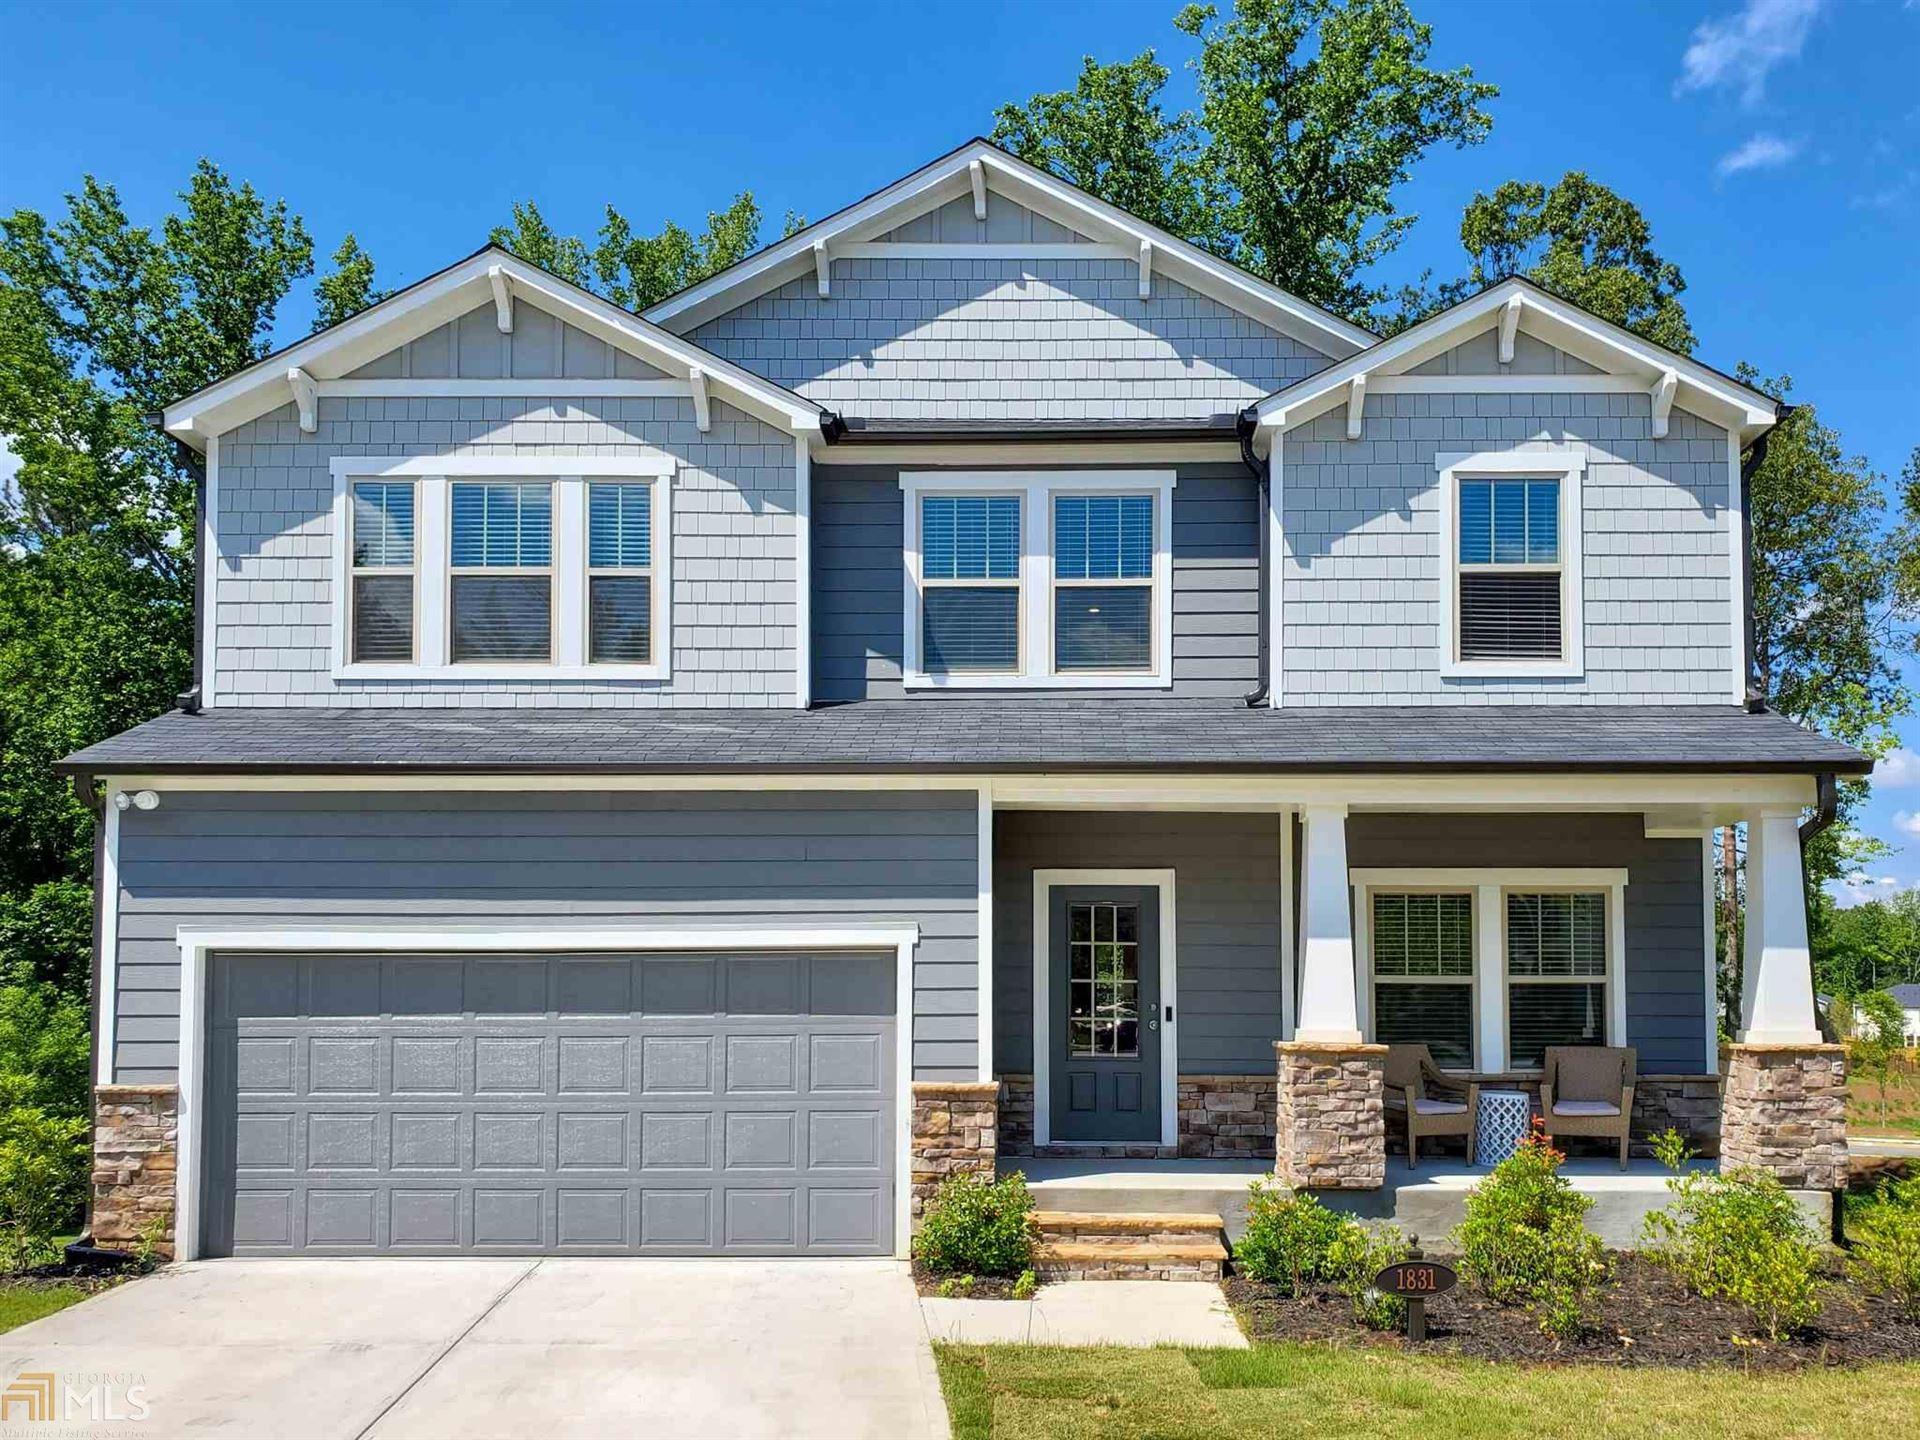 1831 Azure Grove Ct, Marietta, GA 30008 - MLS#: 8808767